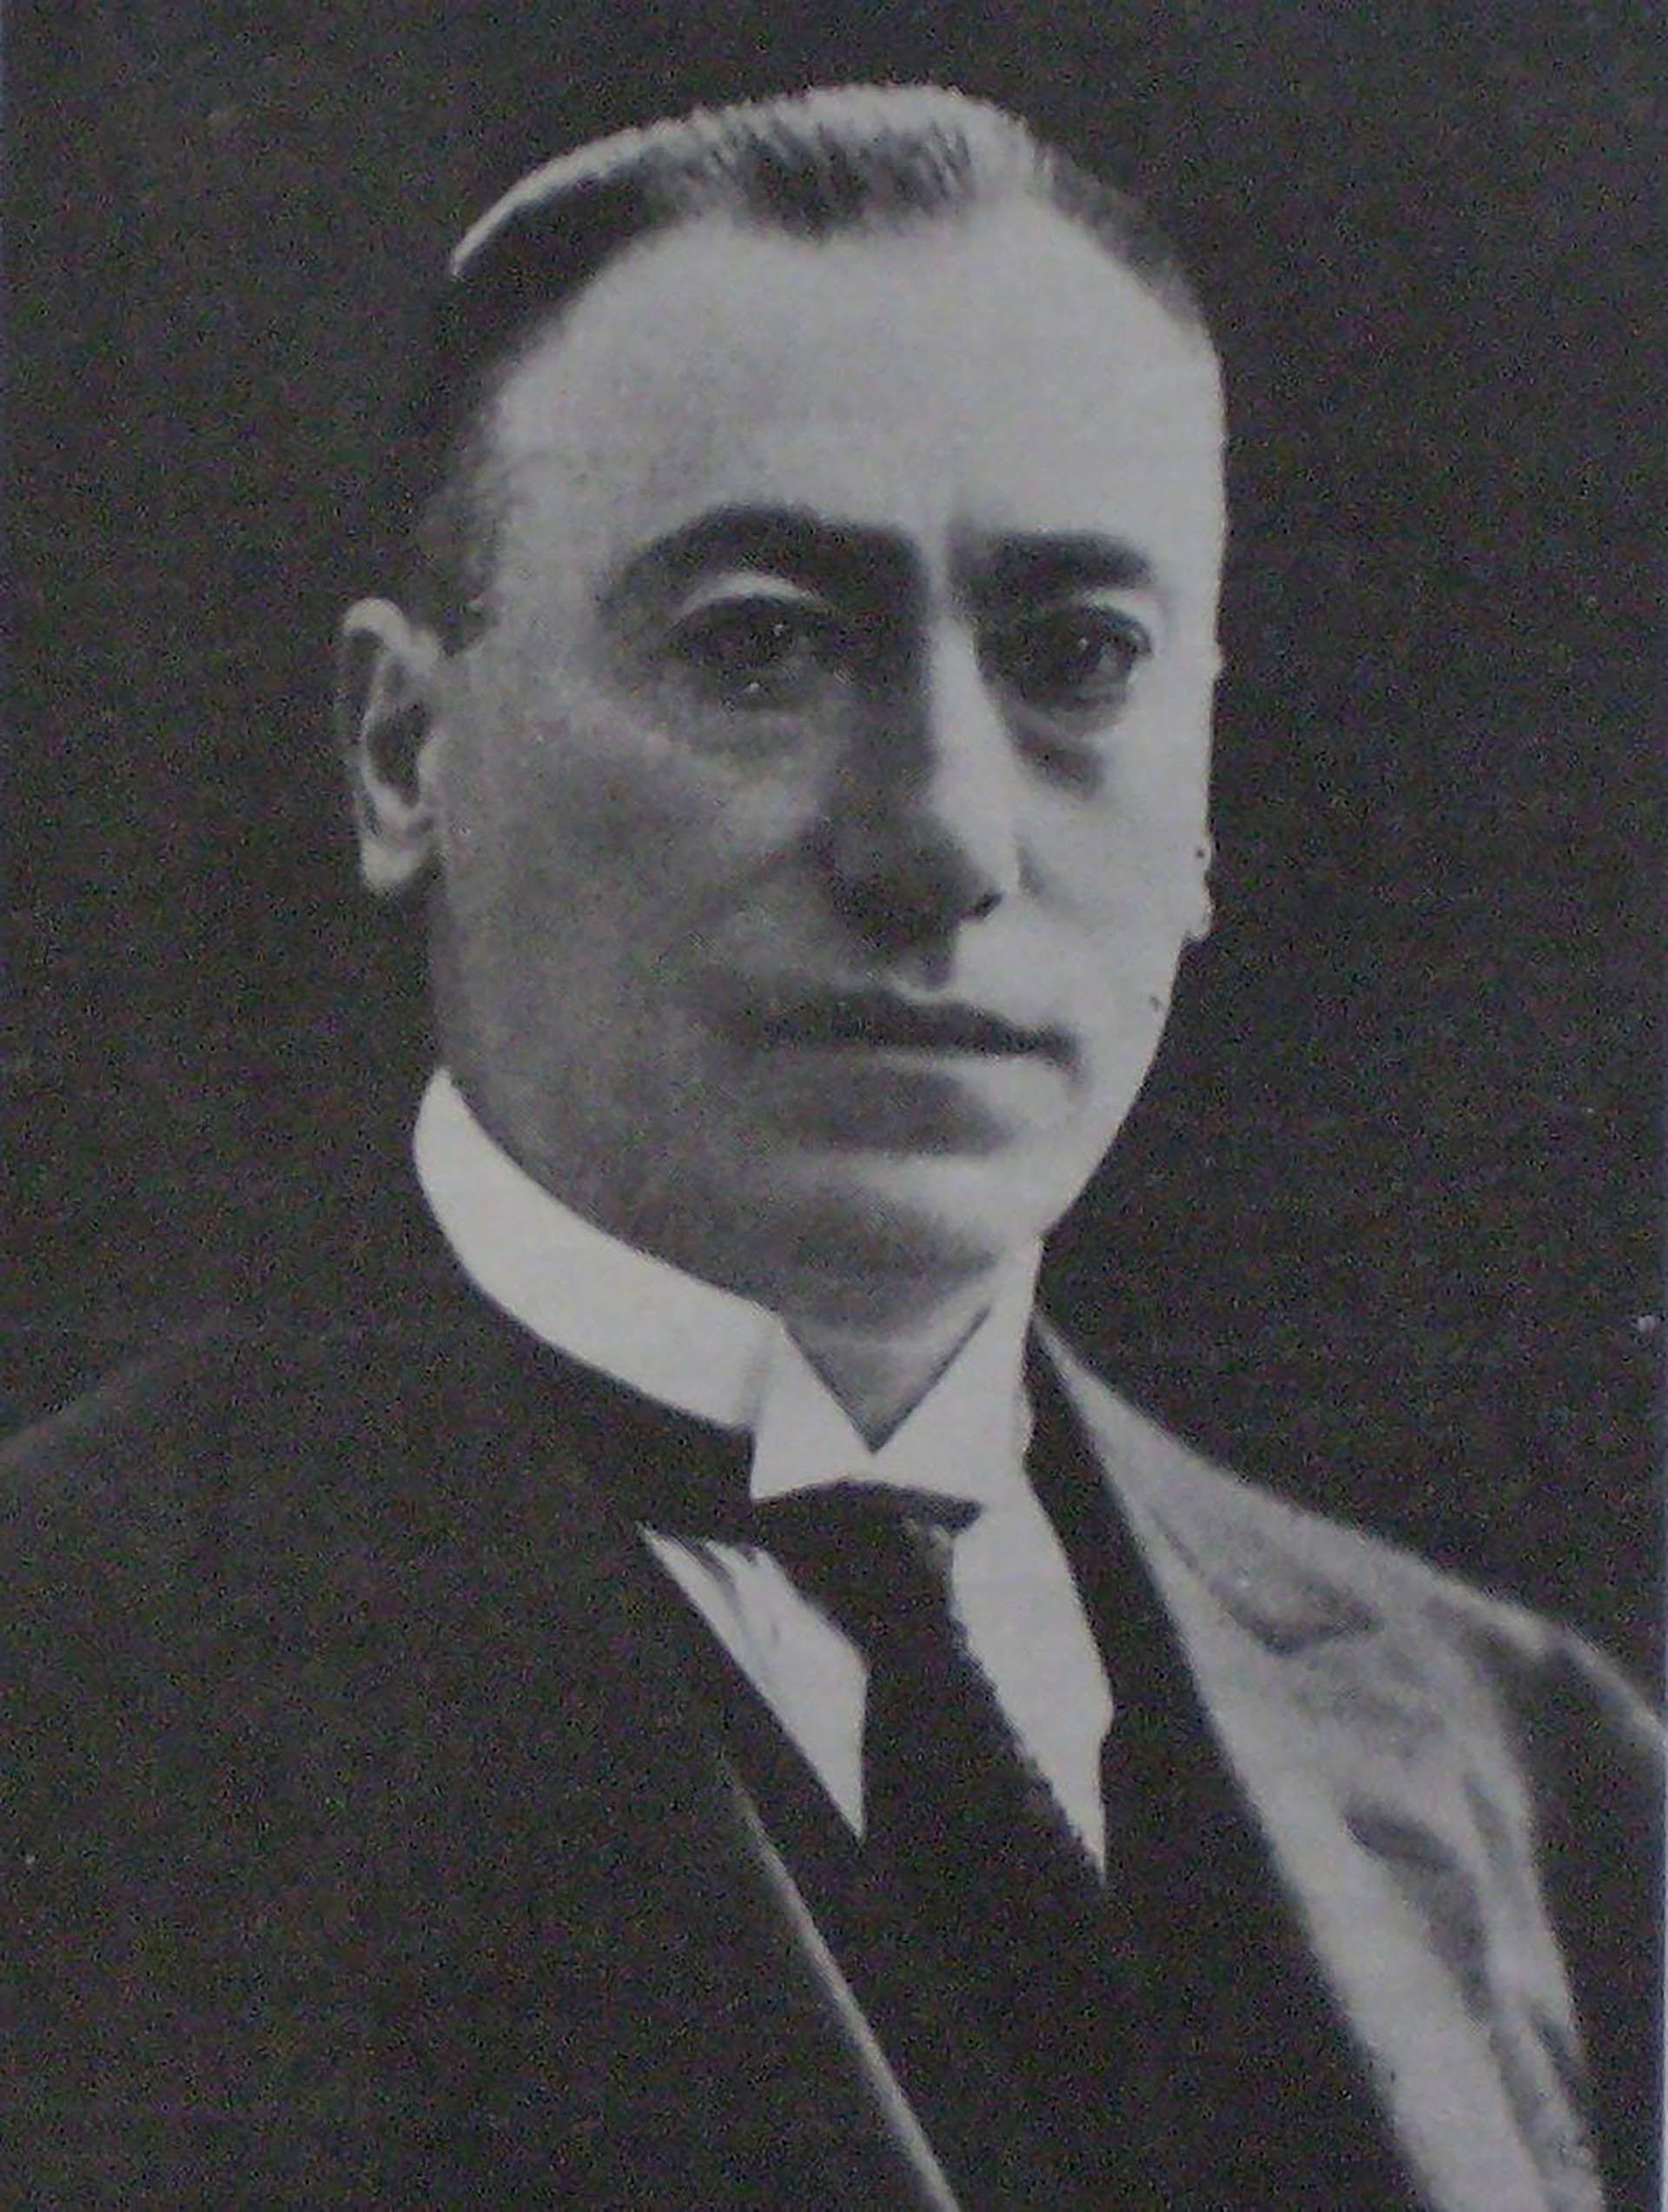 El funcionario fue ministro de Guerra en la primera presidencia de Hipólito Yrigoyen, a quien admiraba